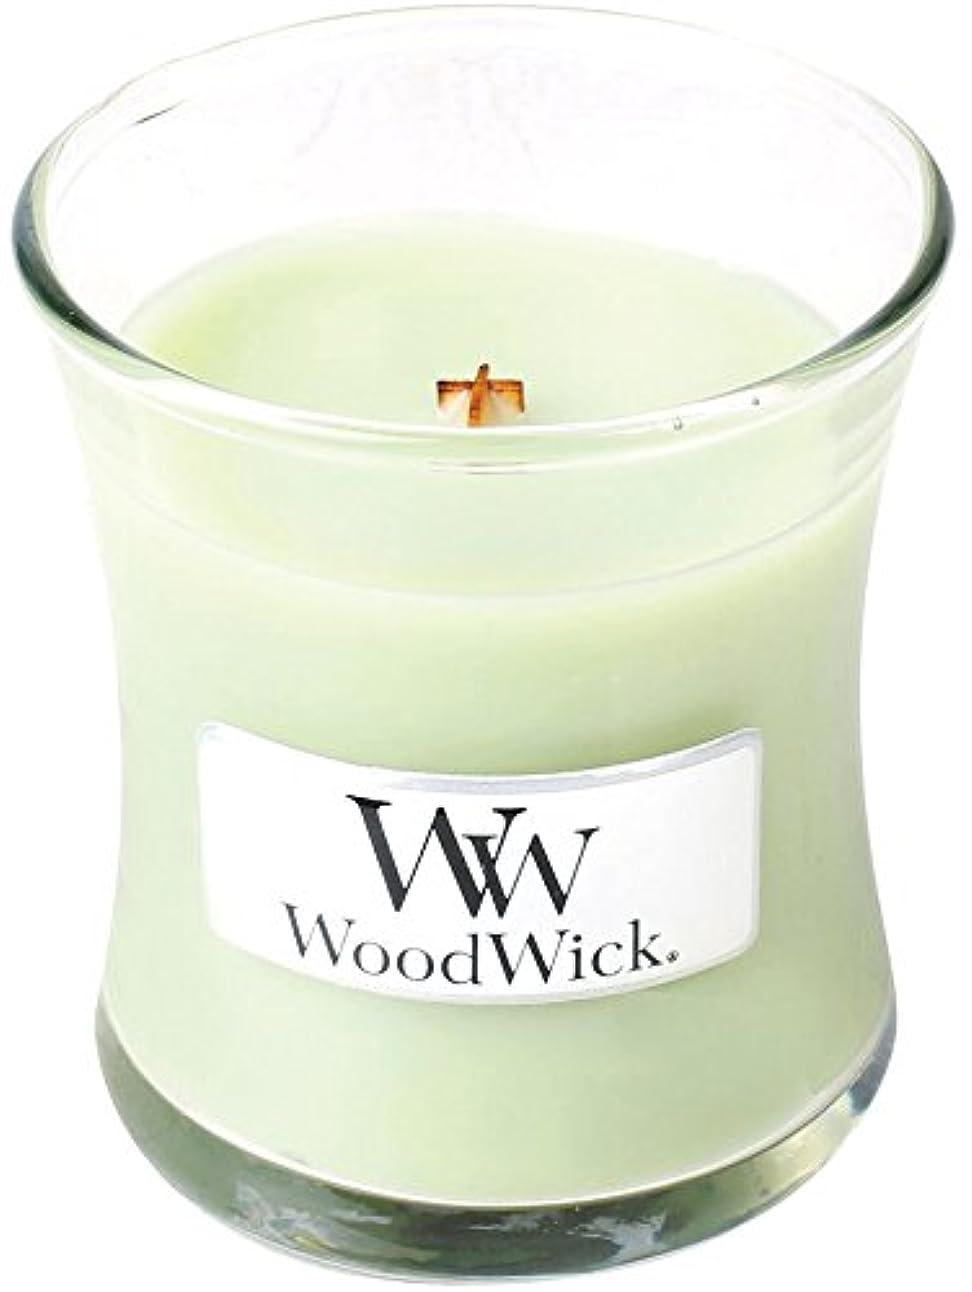 はっきりと校長オークランドWood Wick ウッドウィック ジャーキャンドルSサイズ ライムジェラー